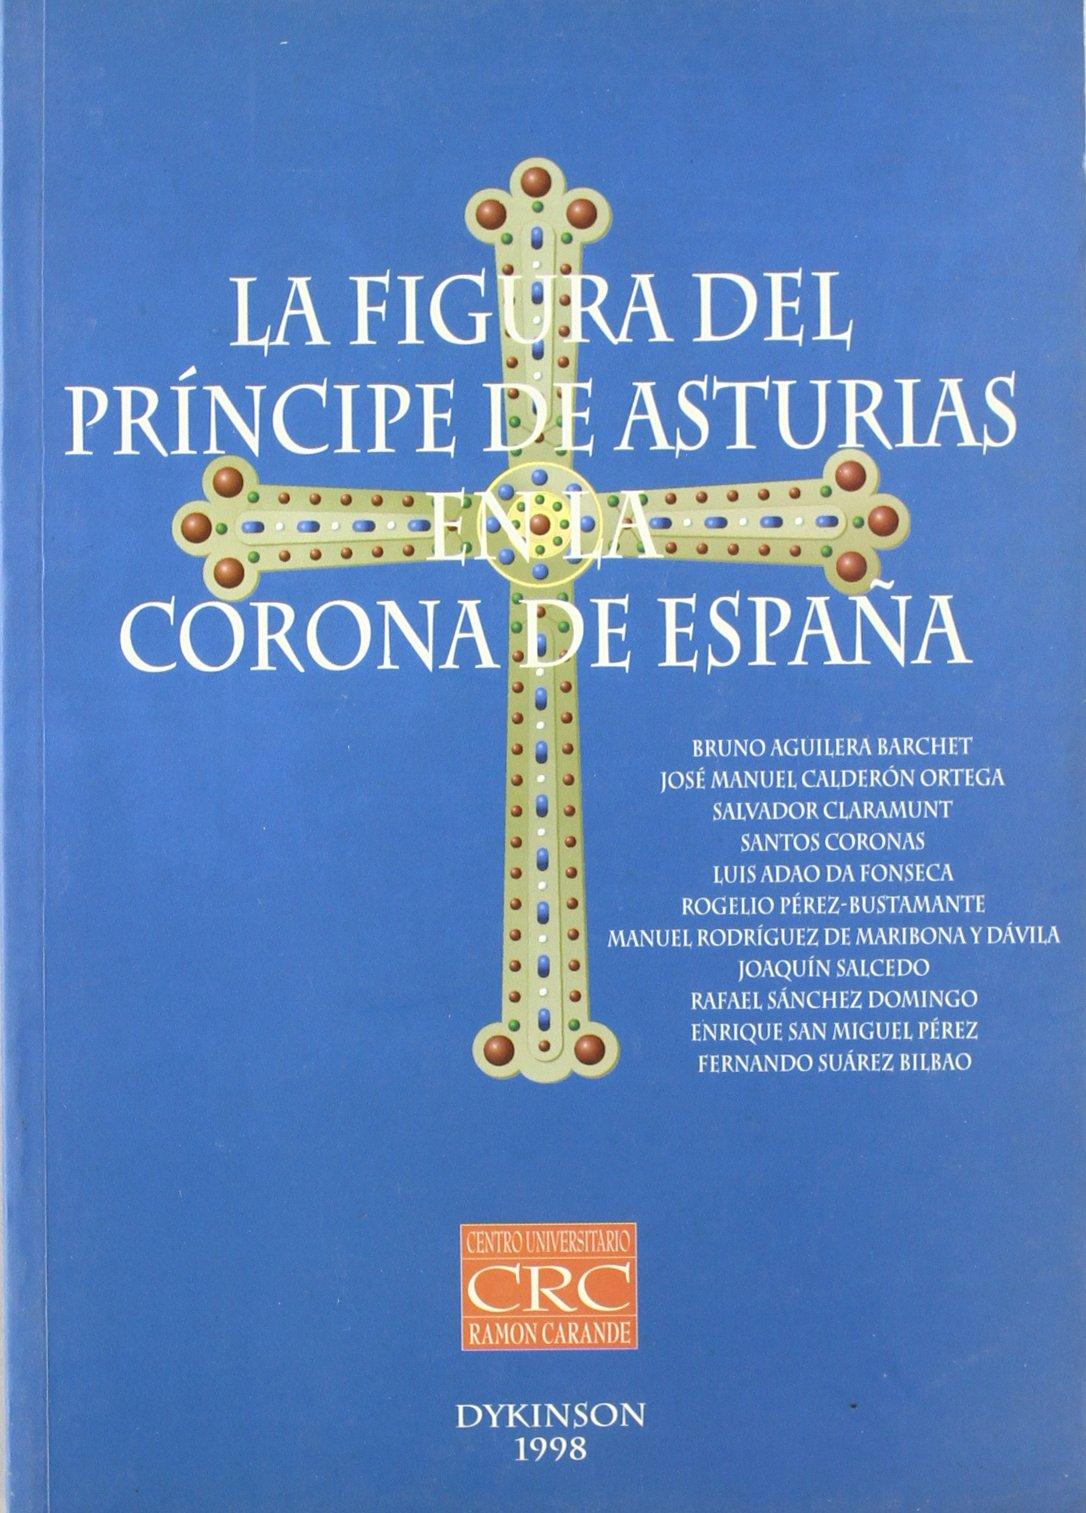 FIGURA DEL PRINCIPE DE ASTURIAS EN LA CORONA DE ESPAÑA.: Amazon.es: VARIOS: Libros